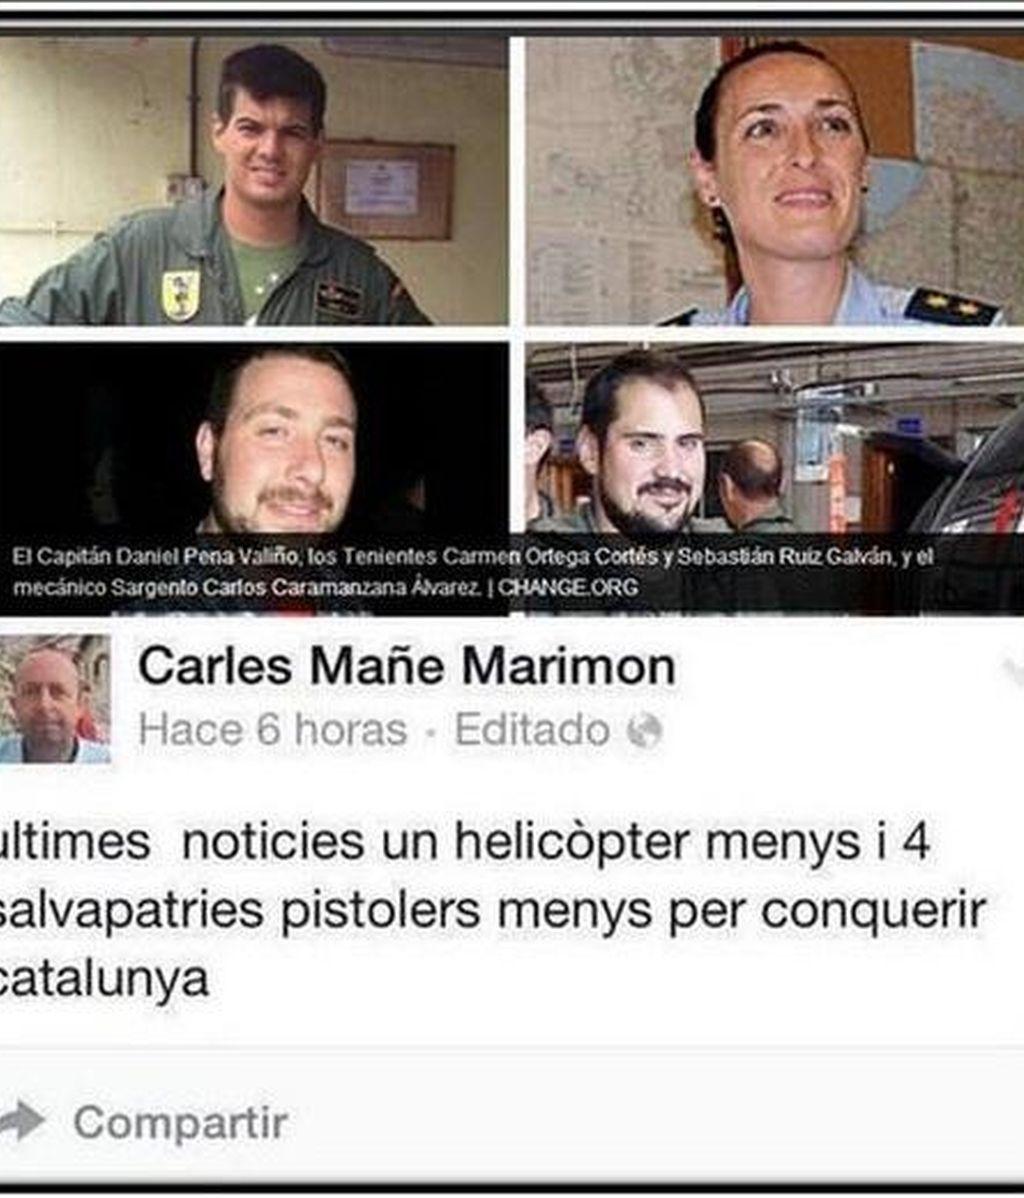 Tuit con comentarios ofensivos sobre la muerte de cuatro militares españoles en Canarias